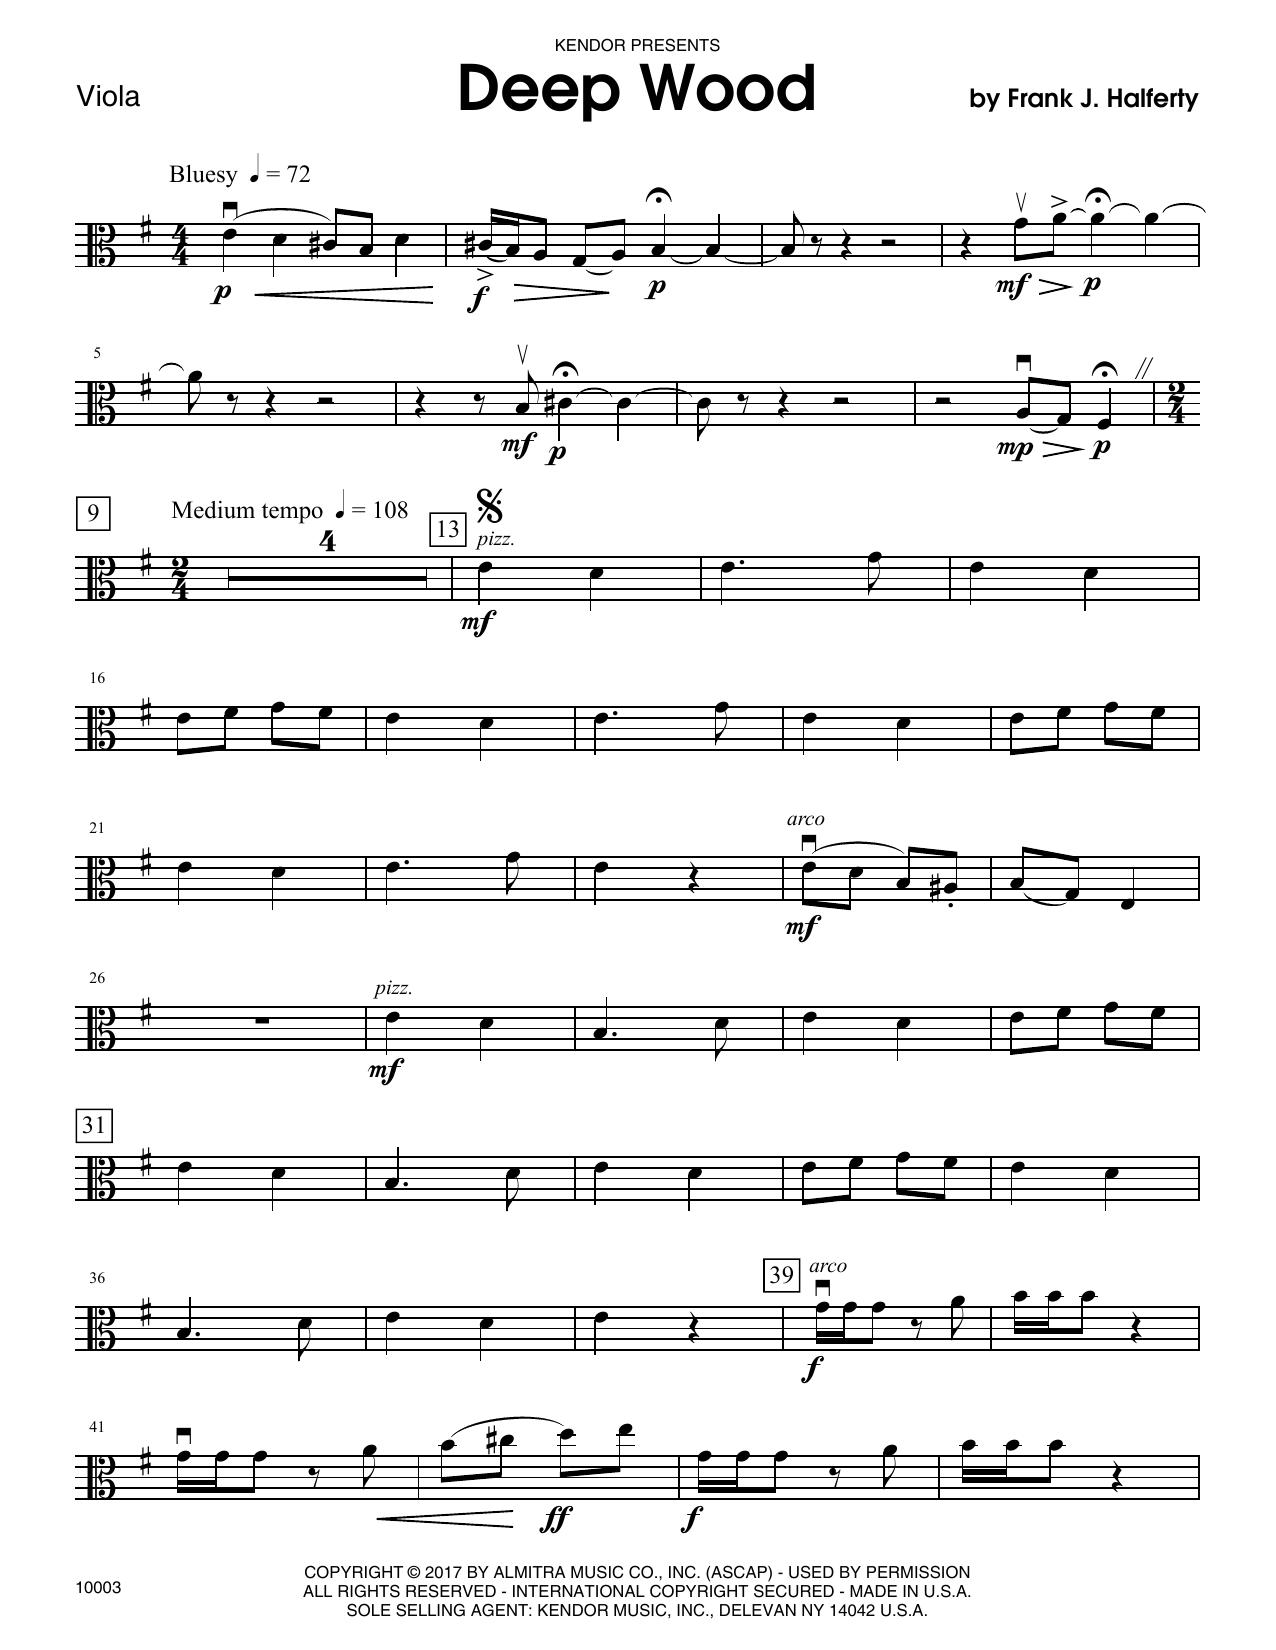 Deep Wood - Viola